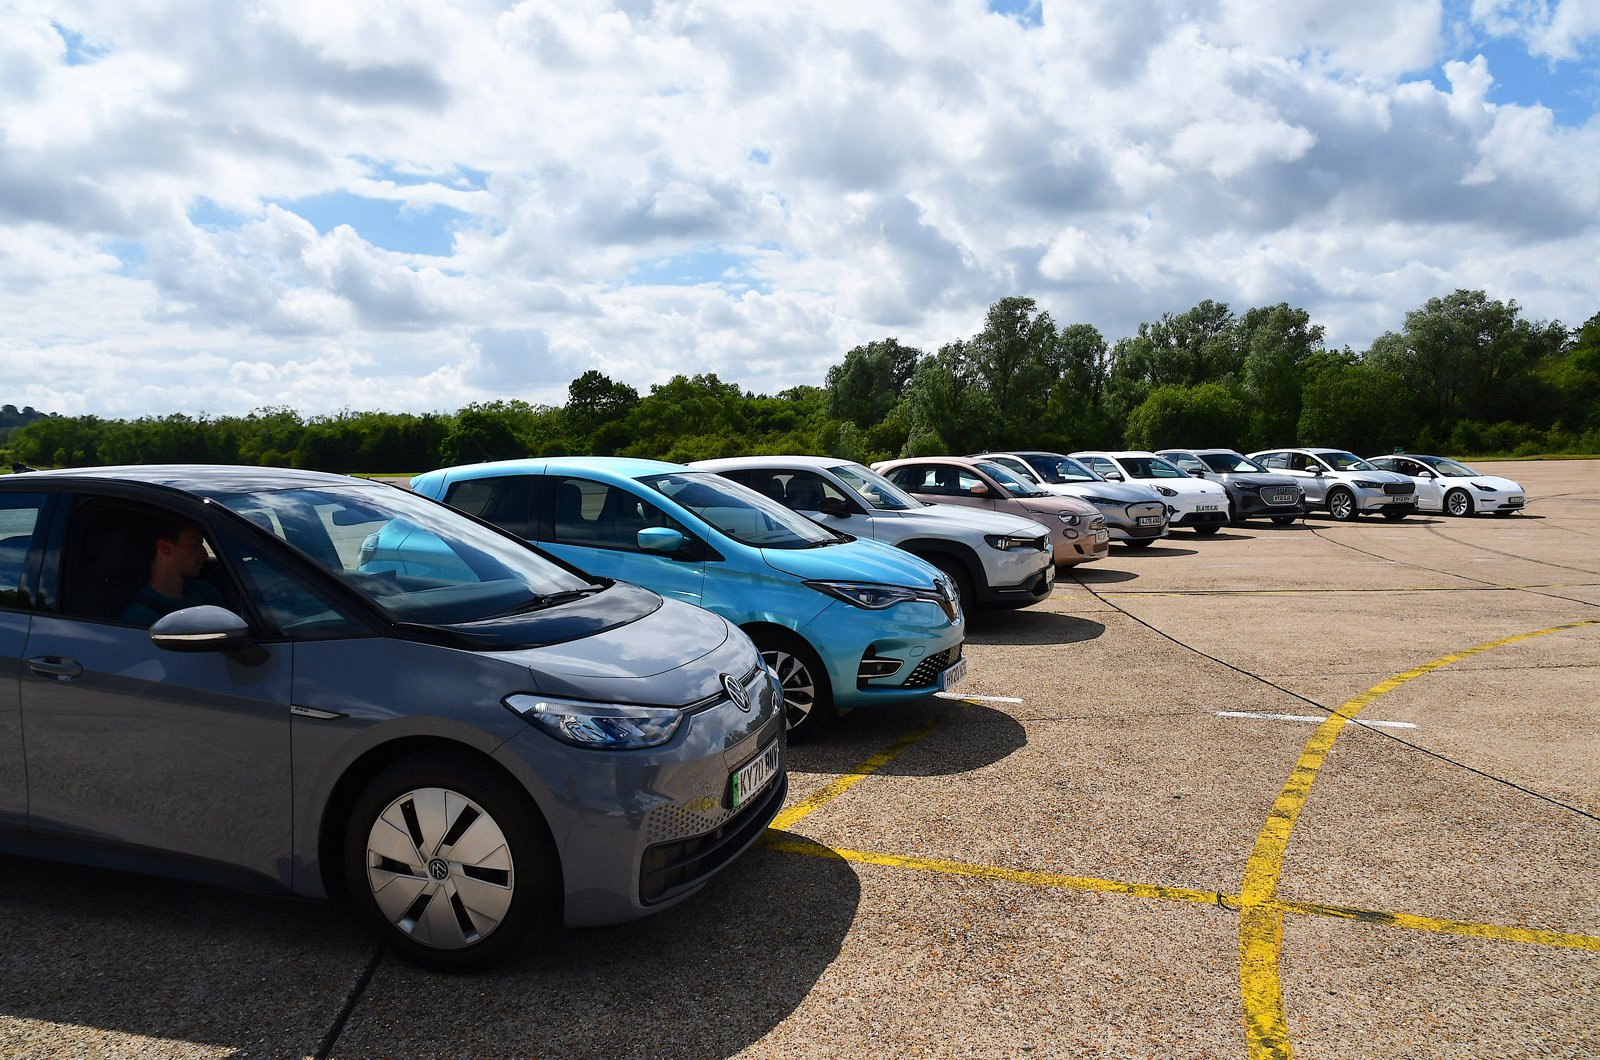 Electric car range test - cars in fan